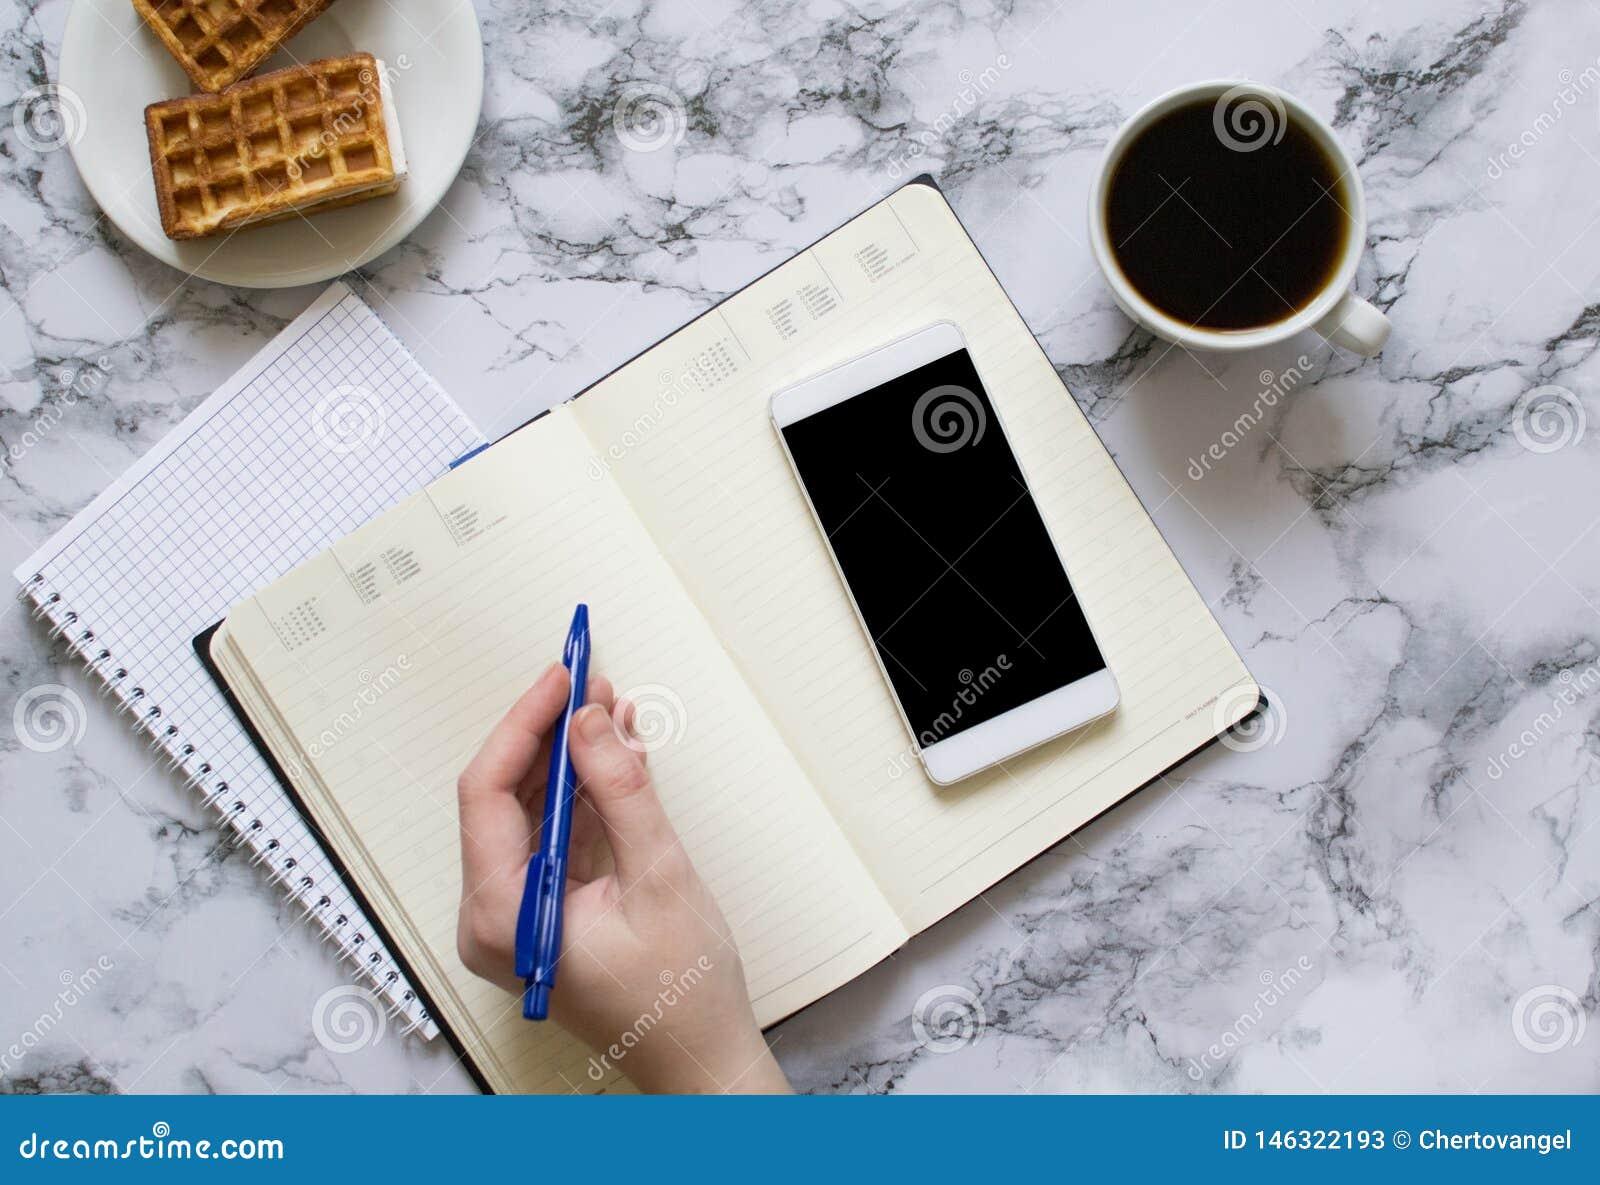 Kobieta planuje dzień, kawa, gofry, marmurowy tło, smartphone